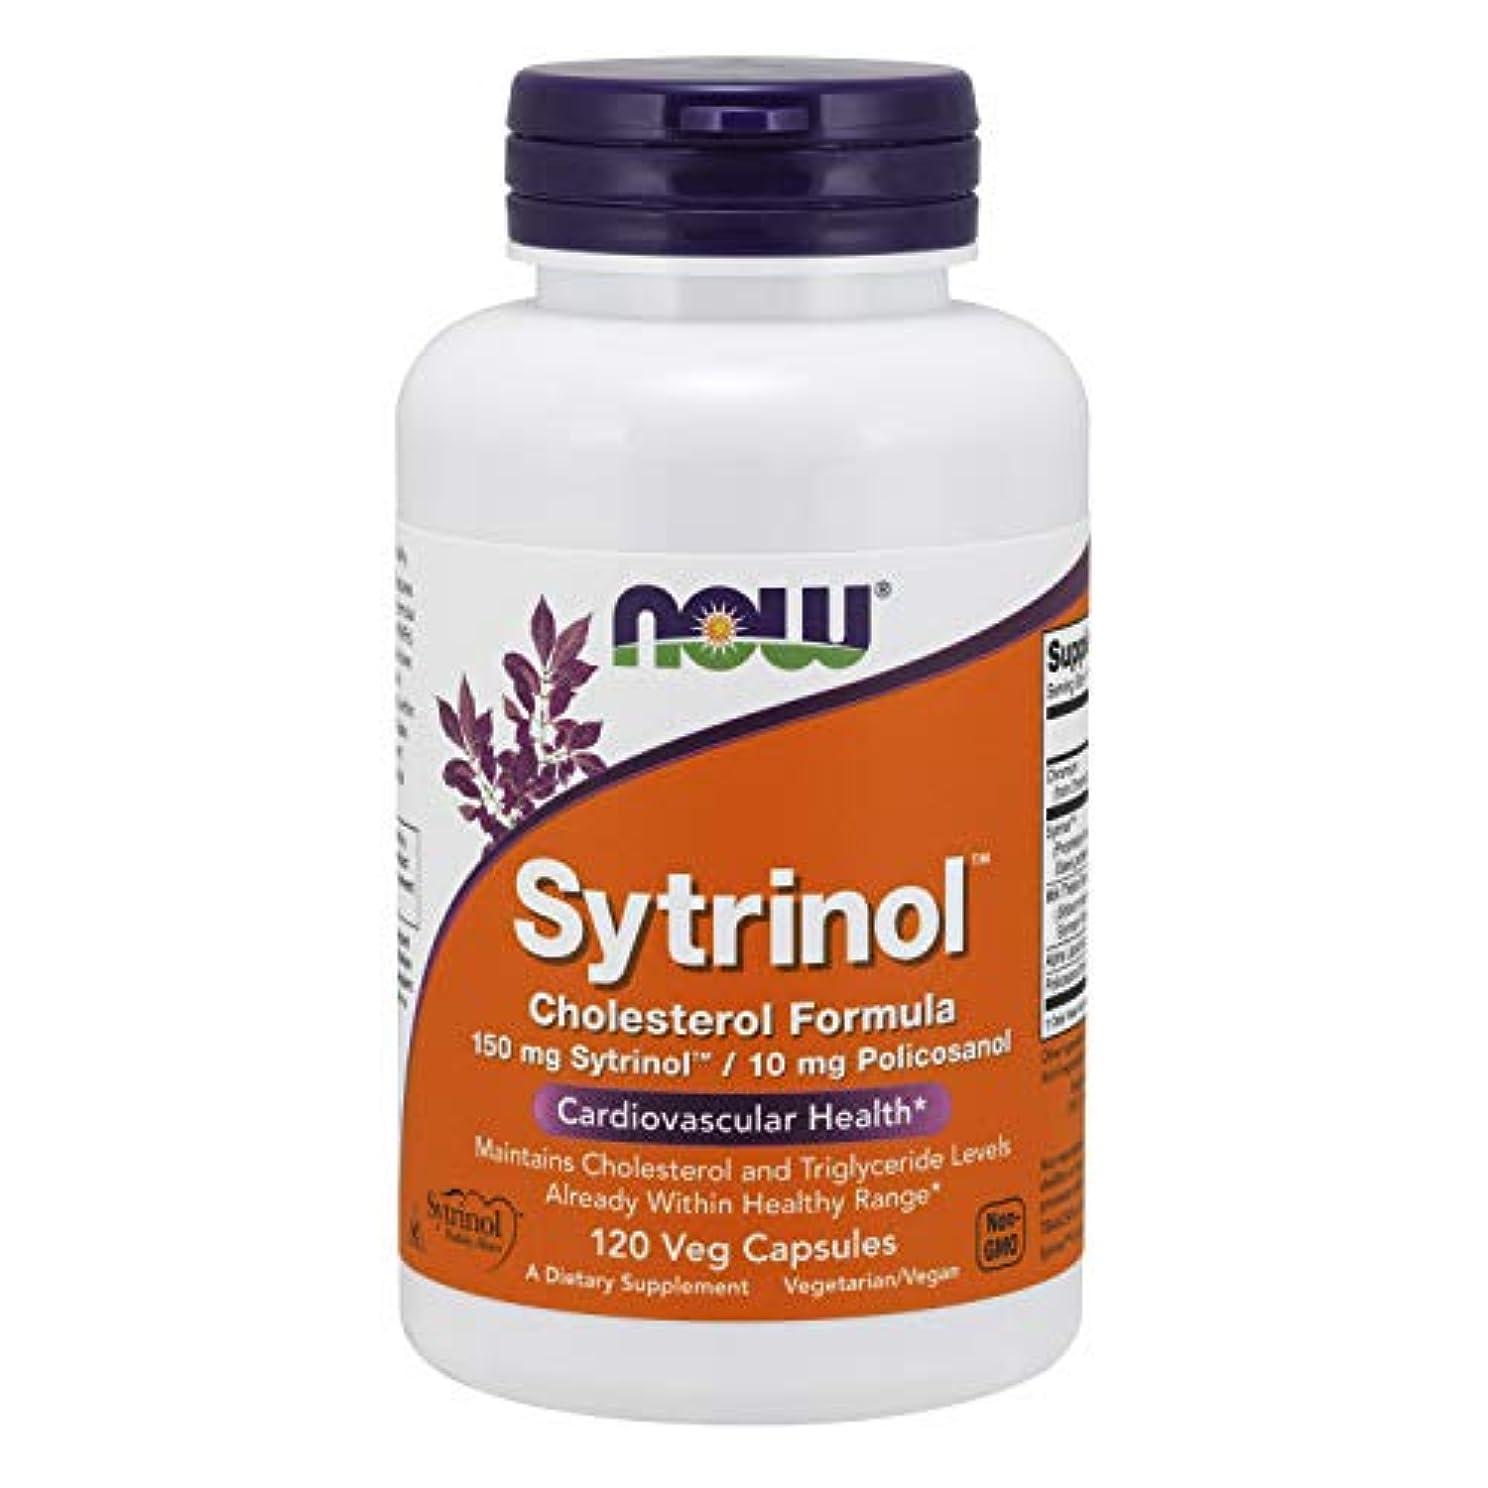 夕食を食べるクローゼット確執海外直送品 Now Foods Sytrinol, 120 Vcaps 150 mg